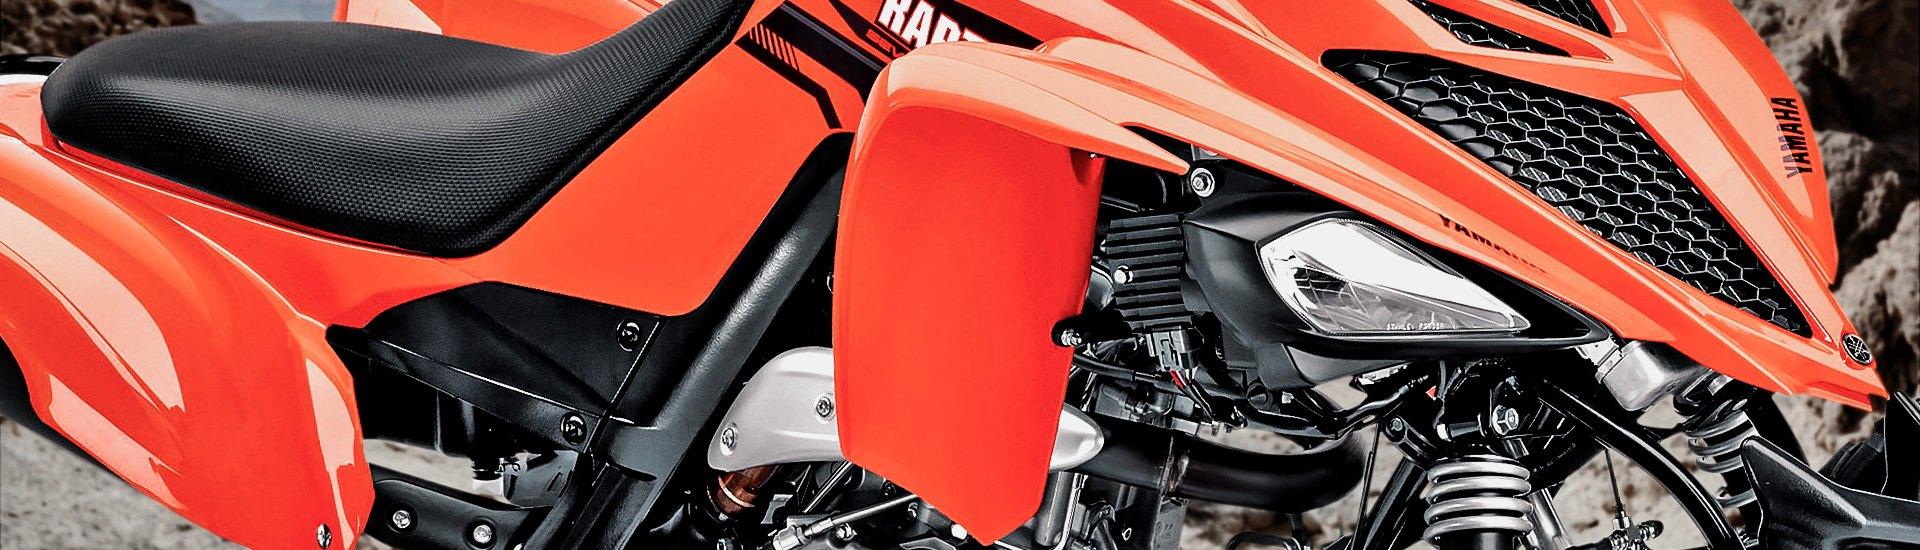 Modquad Flame Fuel Gas Cap YFZ450R YFZ450X YFZ450 Banshee Blaster Raptor Warrior